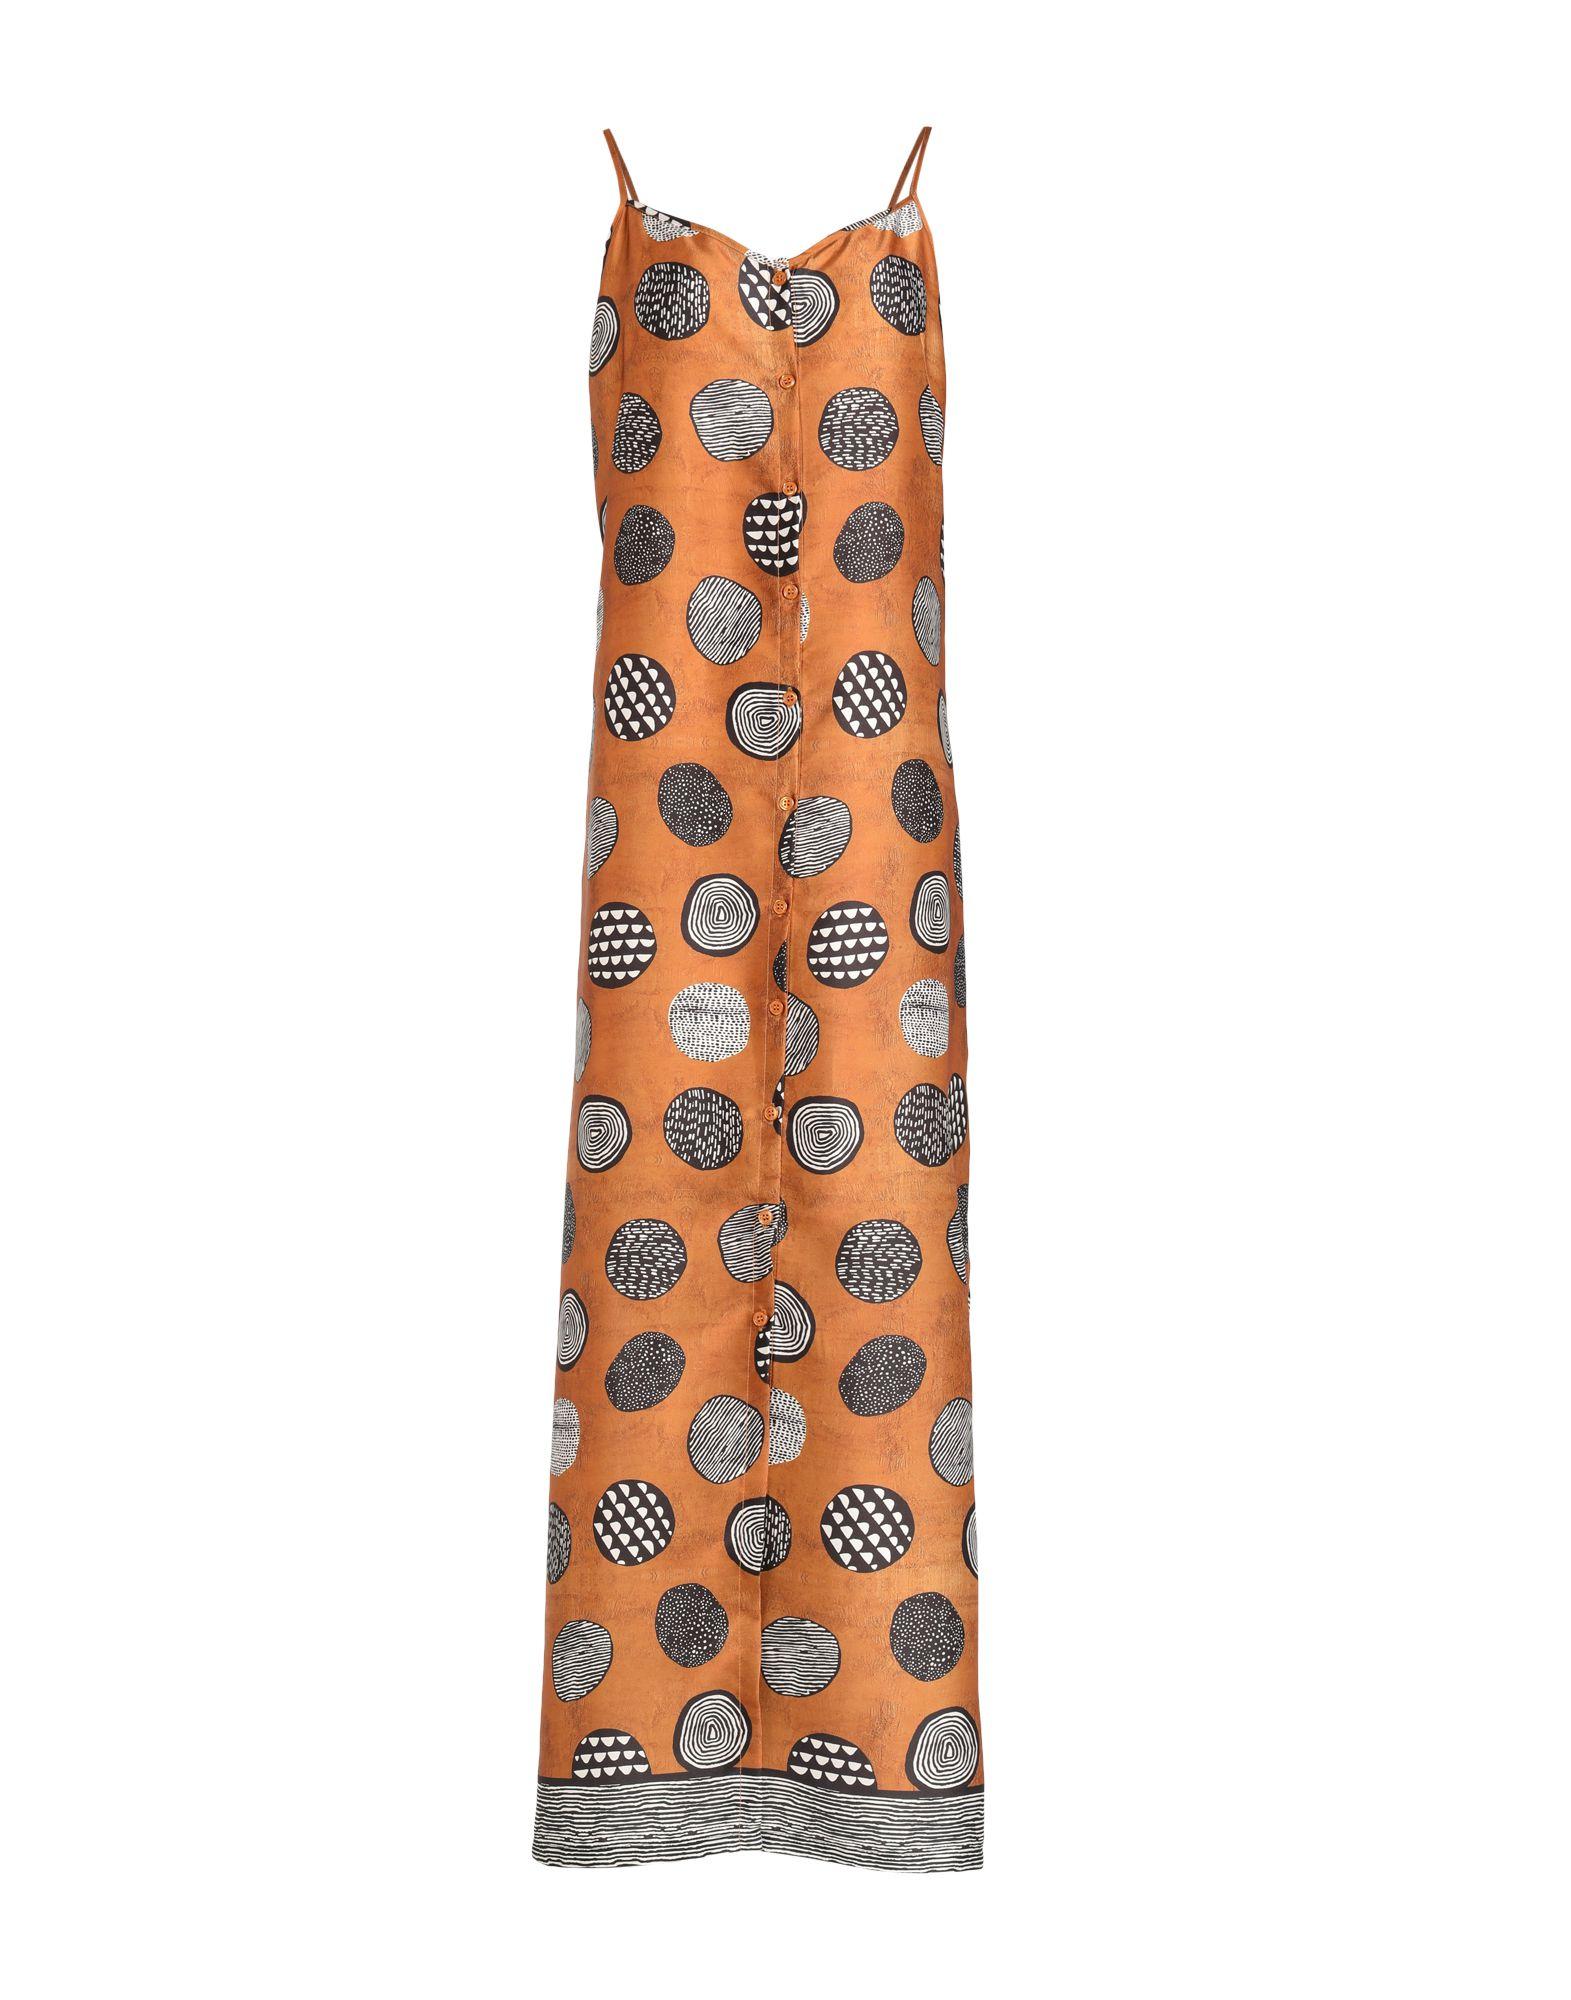 VICOLO Длинное платье платье короткое спереди длинное сзади летнее